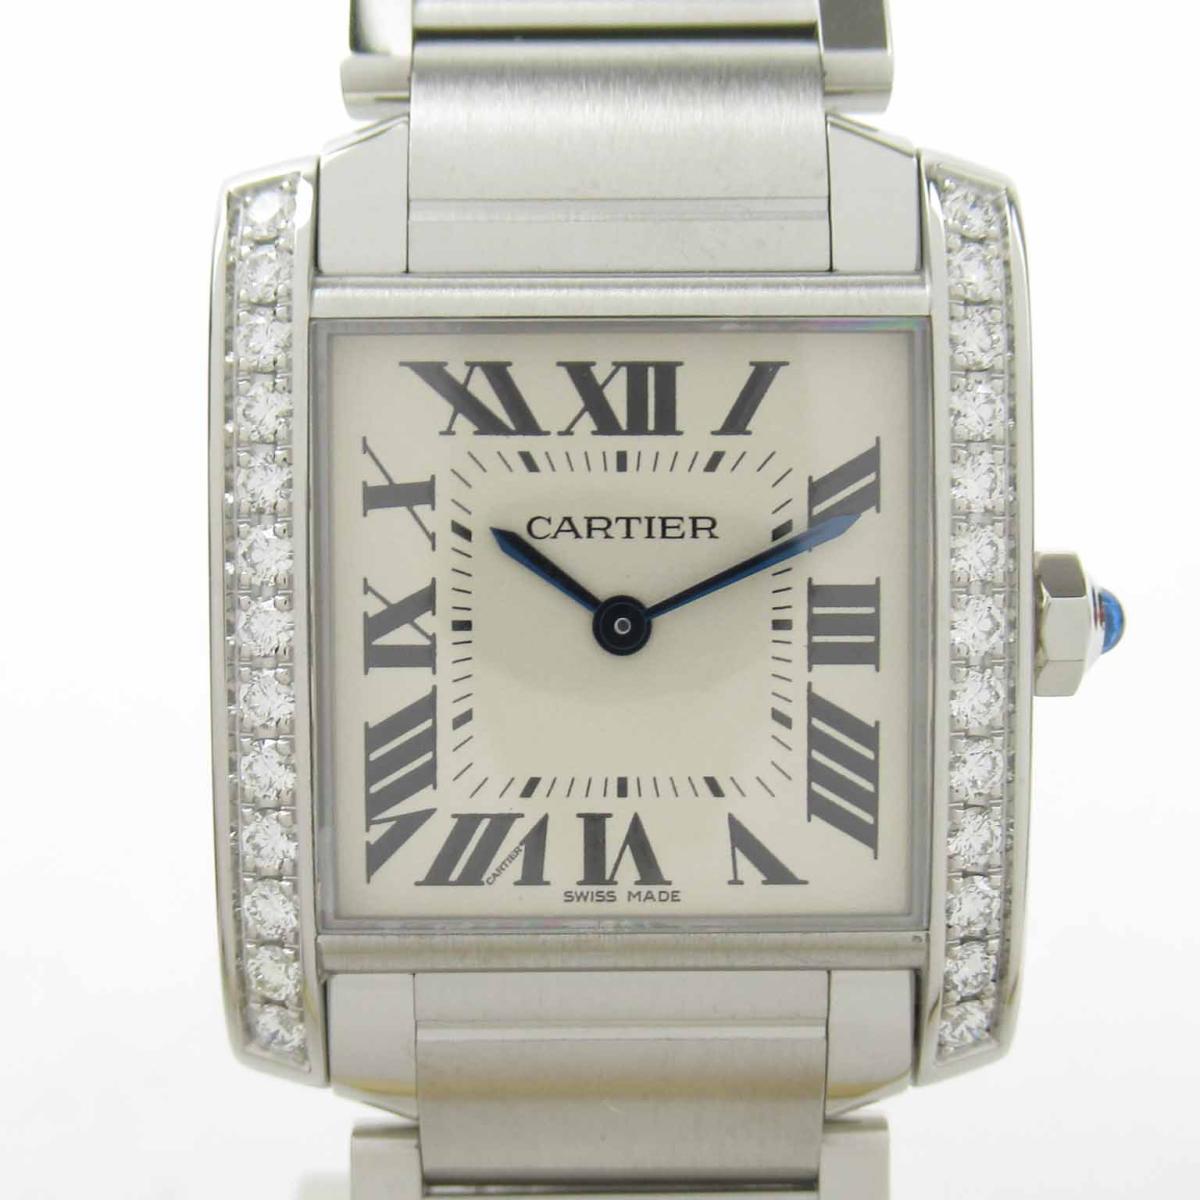 【中古】 カルティエ タンクフランセーズMM ウォッチ 腕時計 レディース ステンレススチール'(SS) (W4TA0009) | Cartier BRANDOFF ブランドオフ ブランド ブランド時計 ブランド腕時計 時計